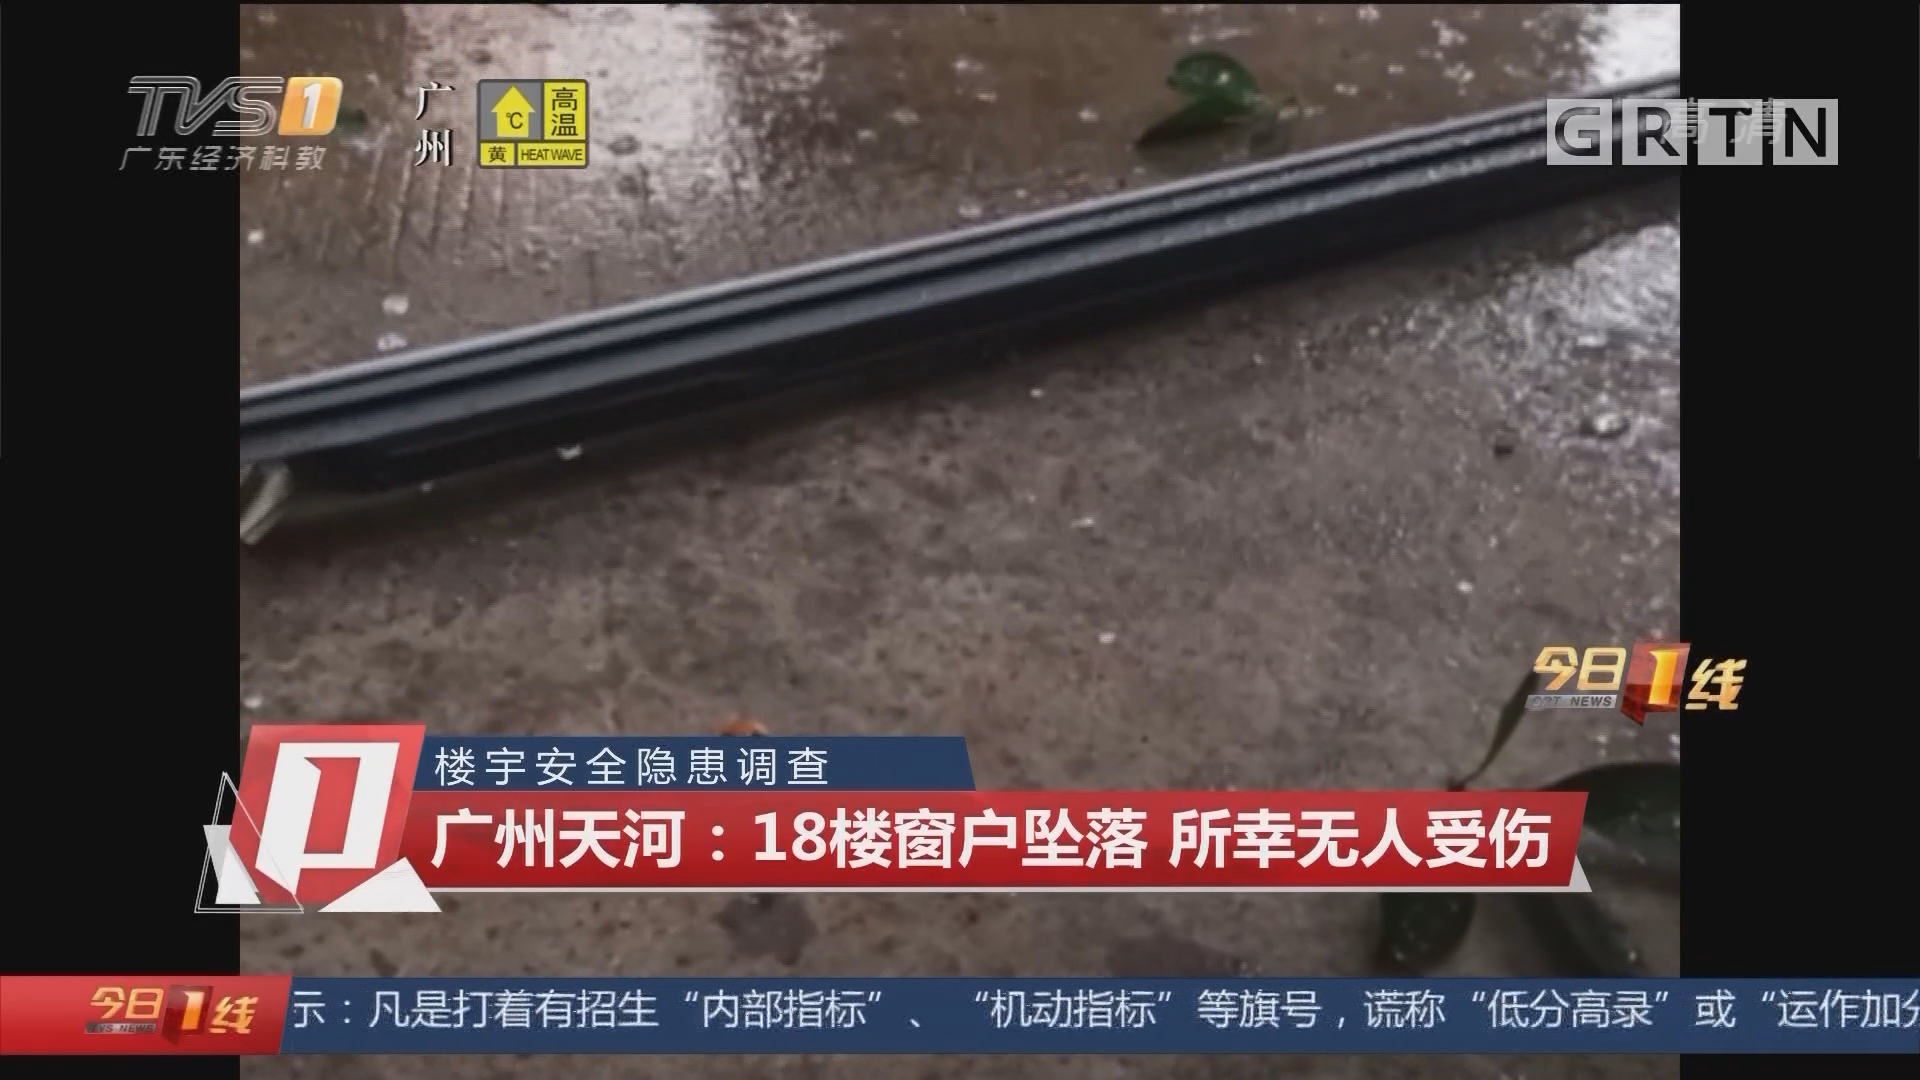 楼宇安全隐患调查 广州天河:18楼窗户坠落 所幸无人受伤